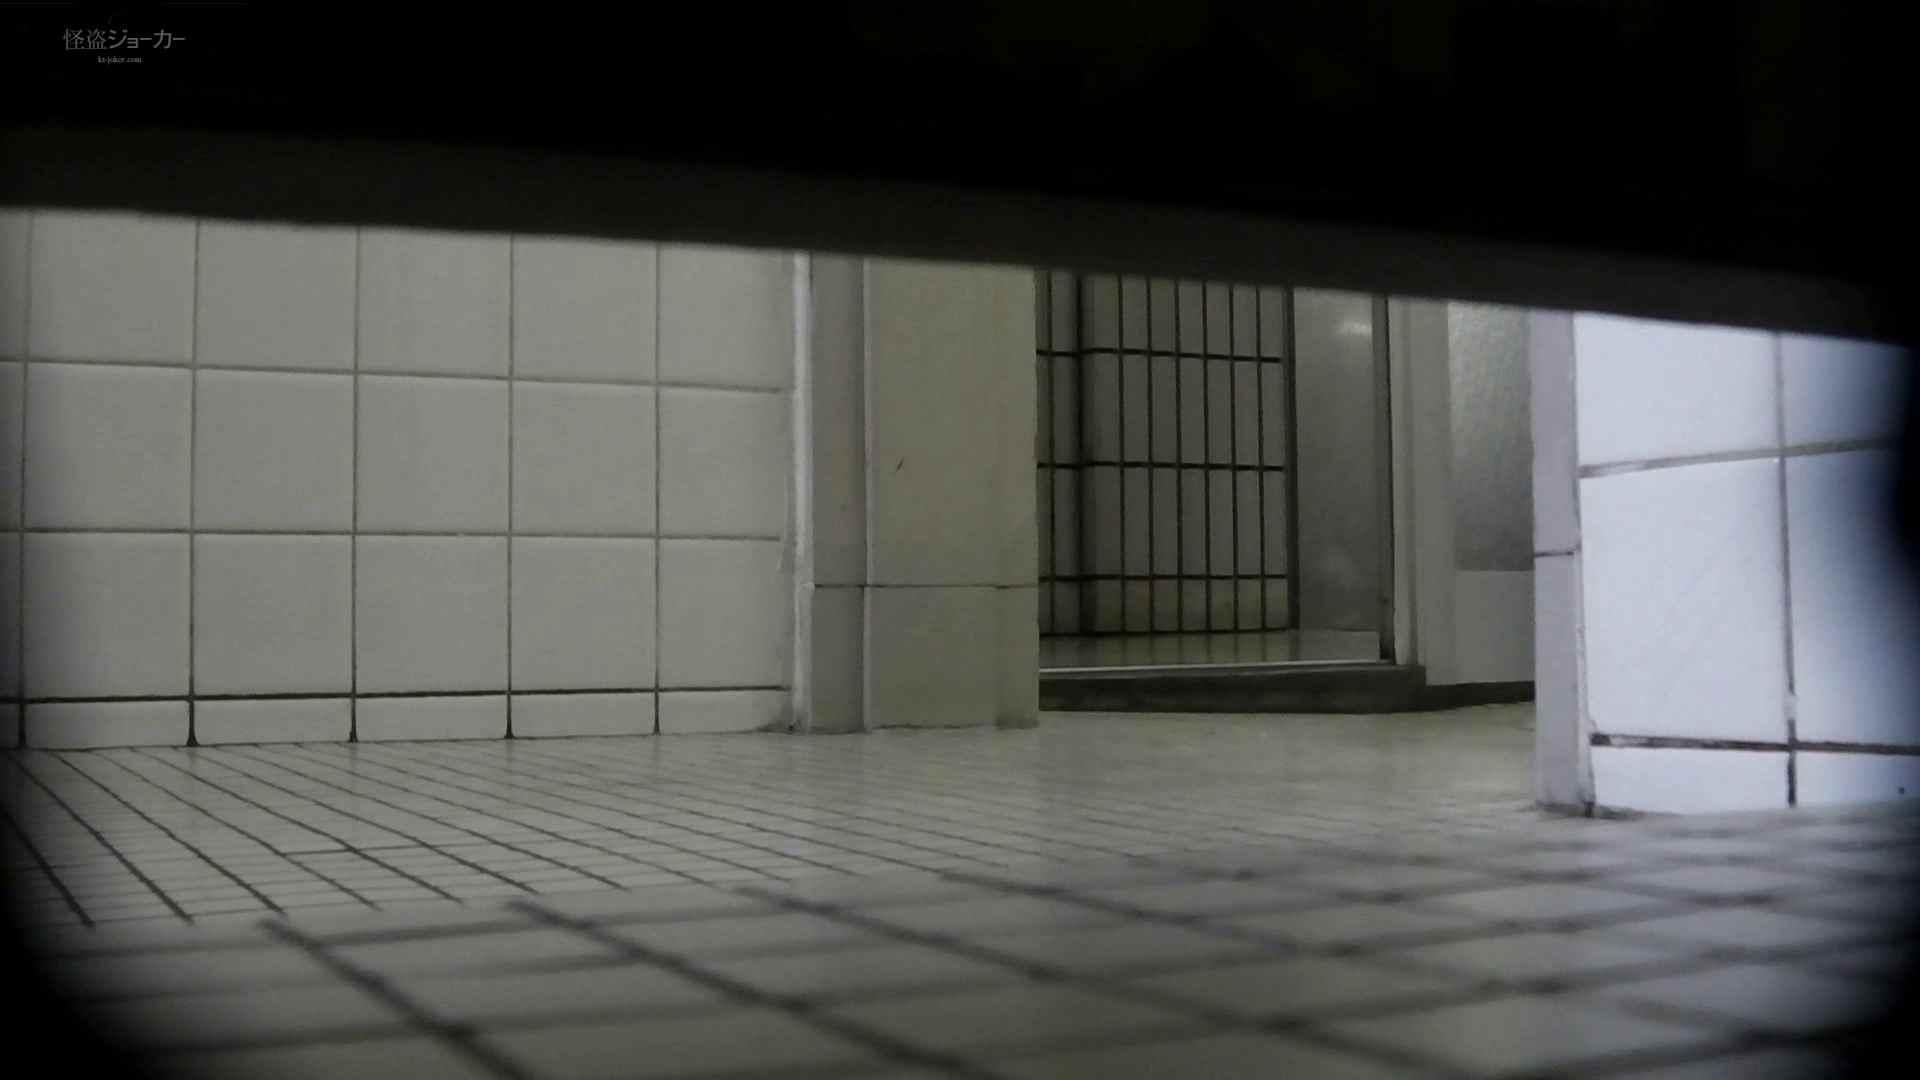 【美しき個室な世界】洗面所特攻隊 vol.046 更に進化【2015・07位】 お姉さんのSEX SEX無修正画像 96枚 10